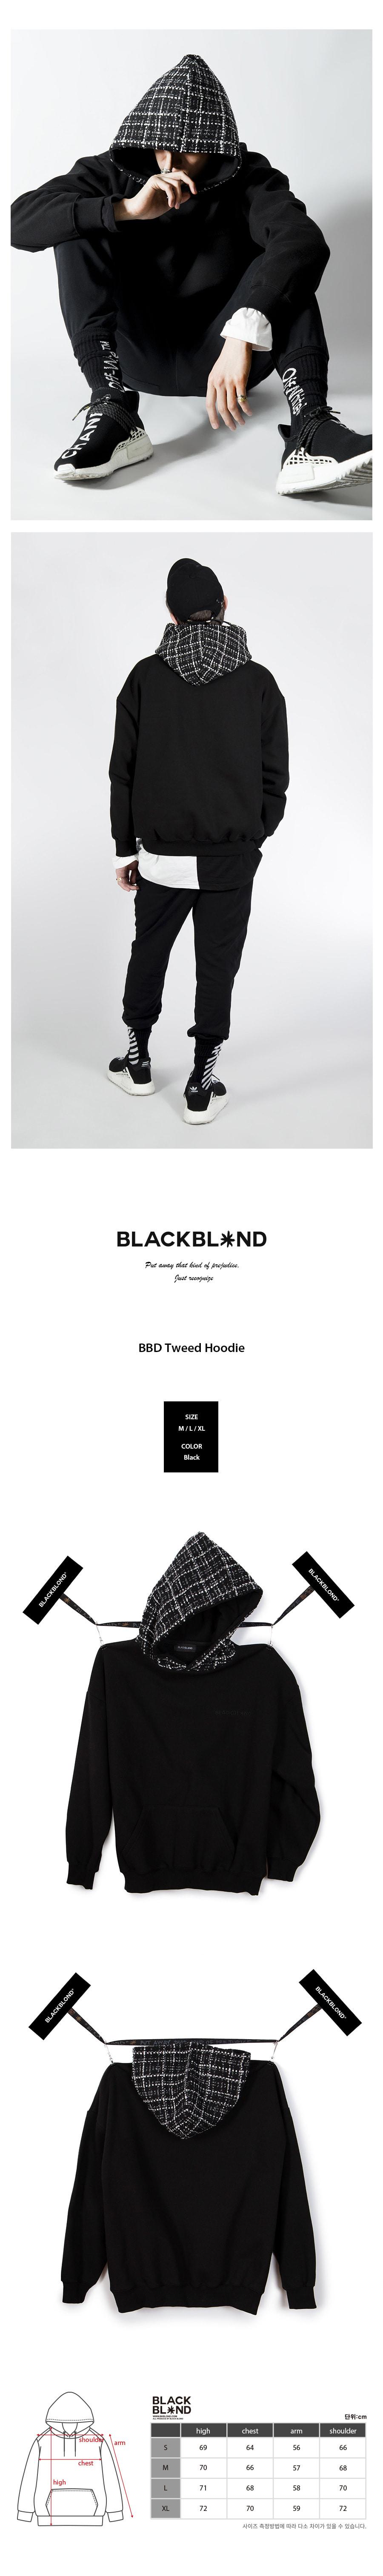 BBD-Tweed-Hoodie-%28Black%29.jpg